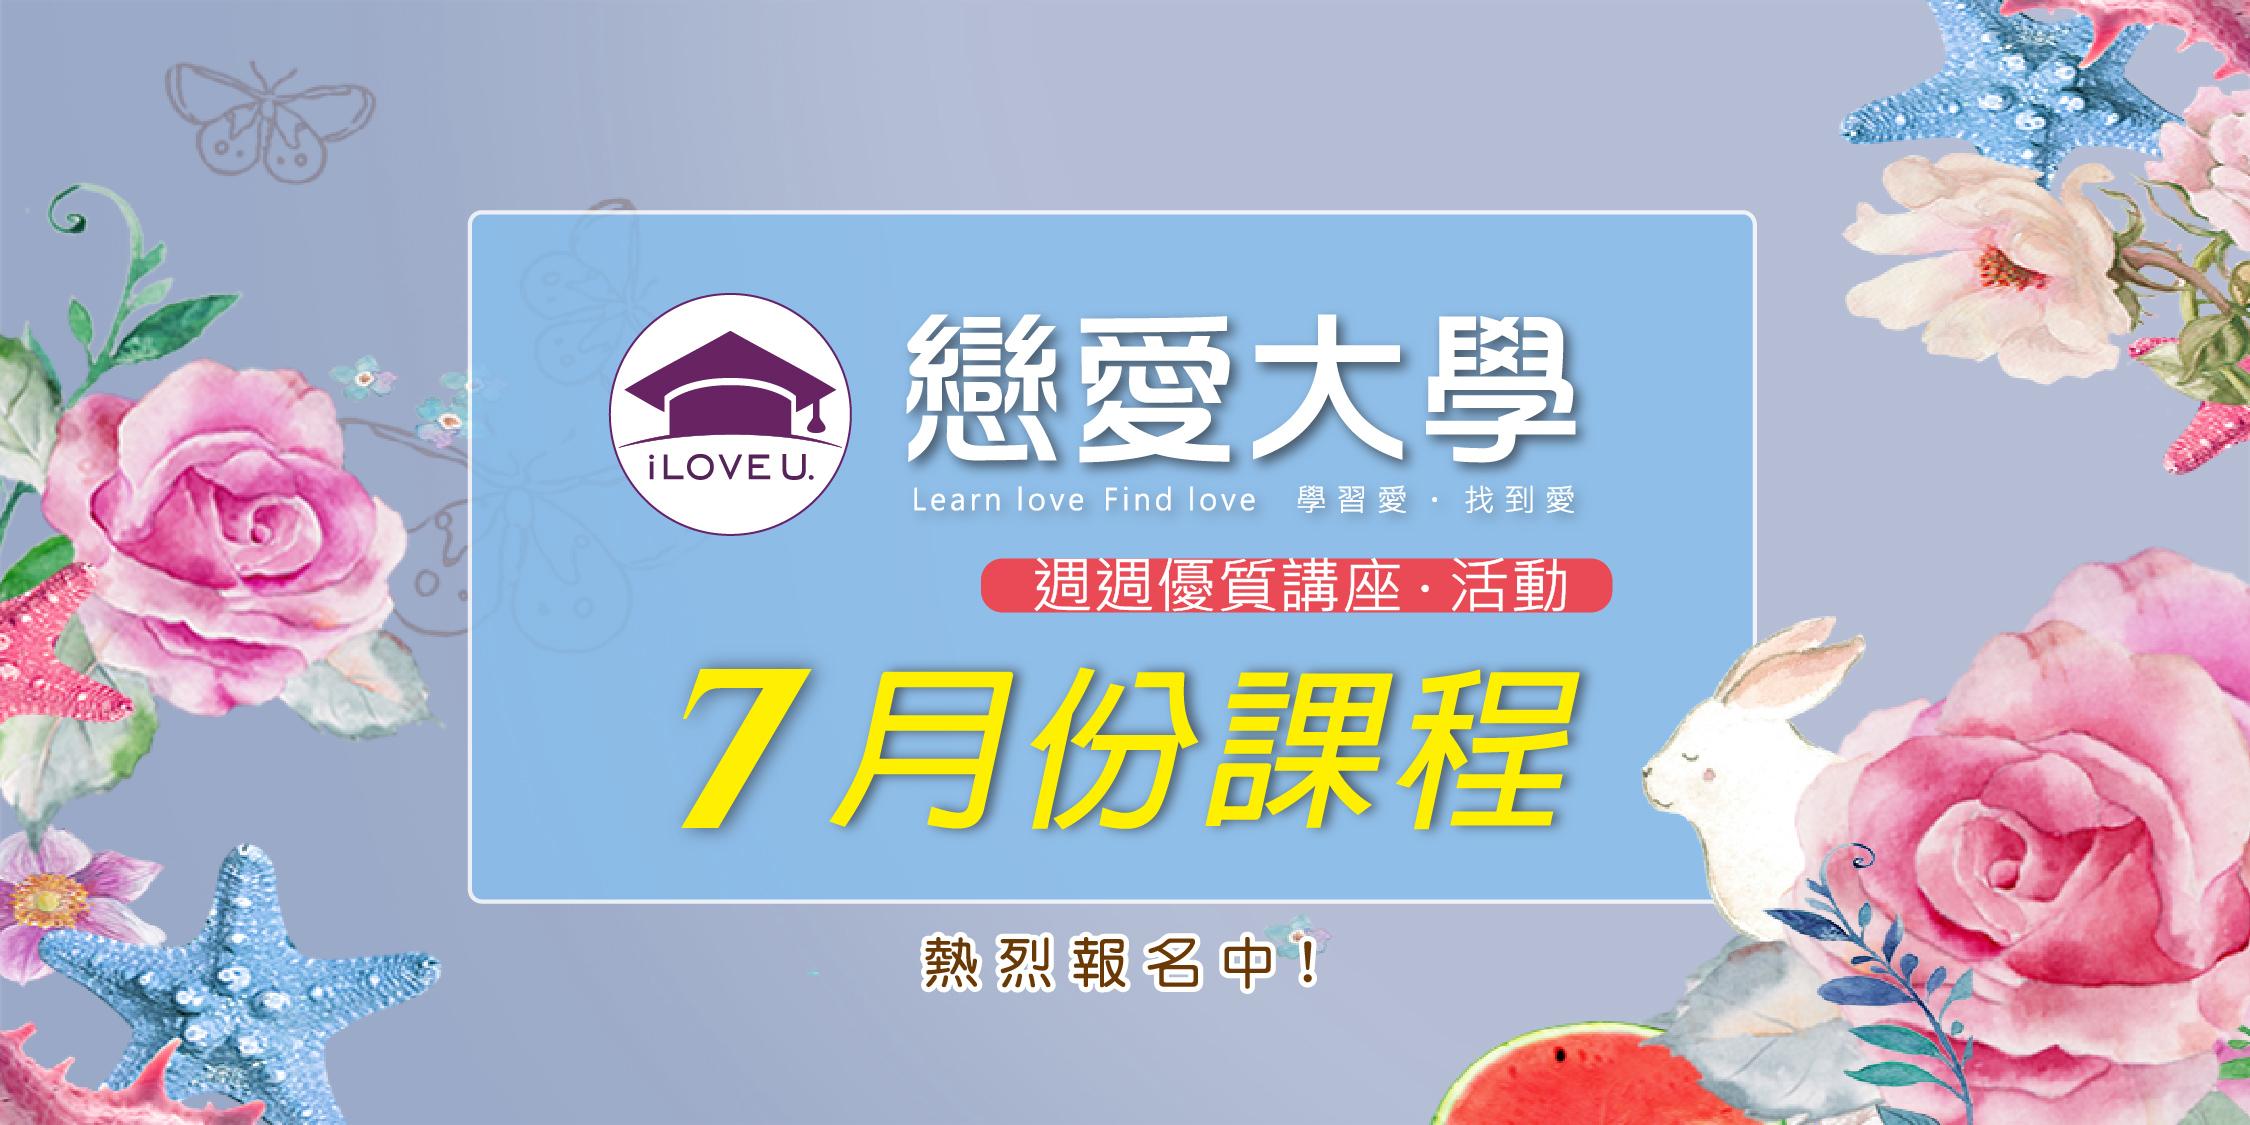 【戀愛大學7月份課表特輯】熱烈報名ing!